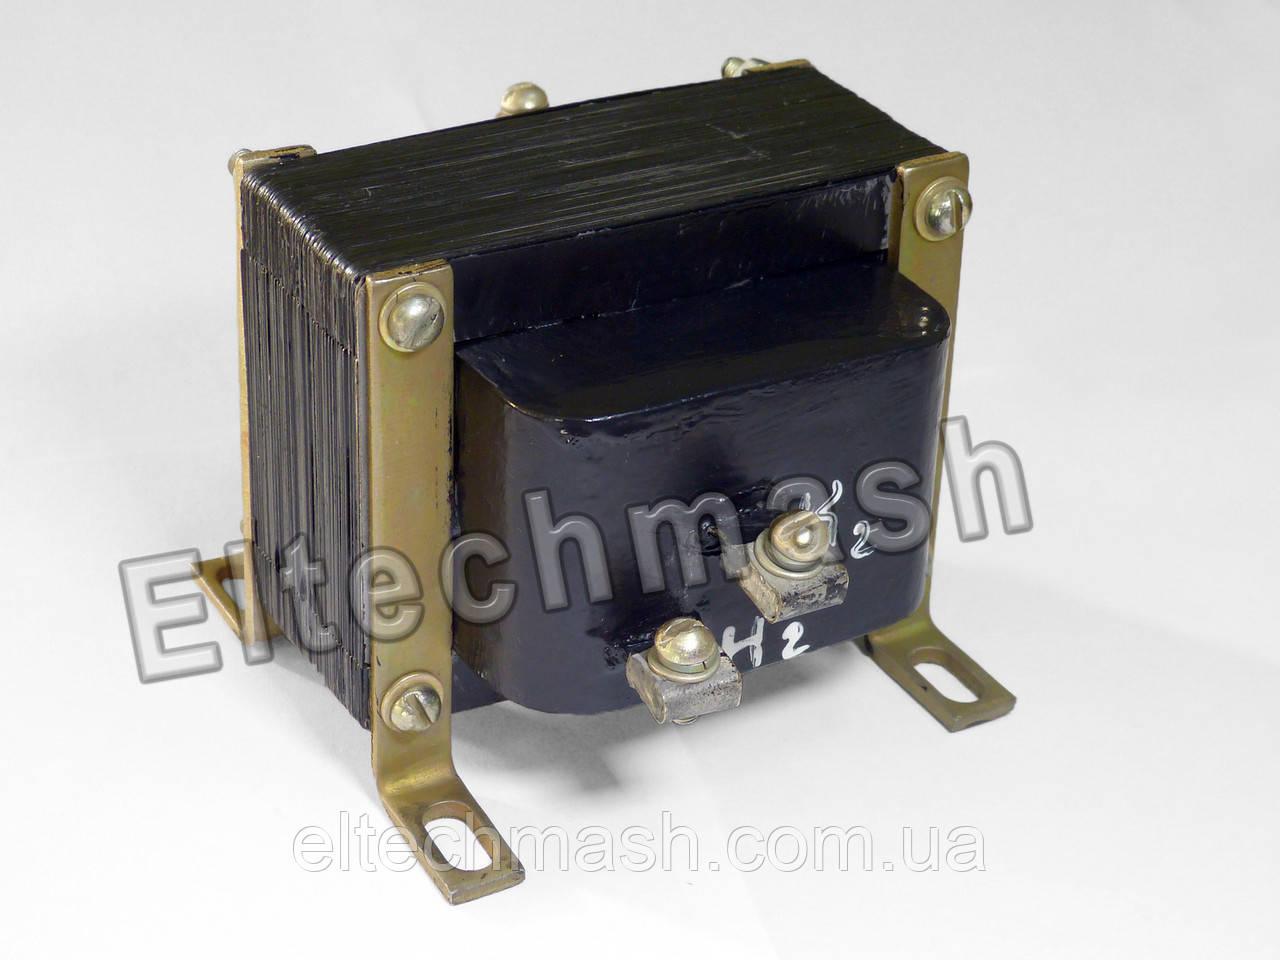 Трансформатор питания ТП-5, ИАКВ.671111.053